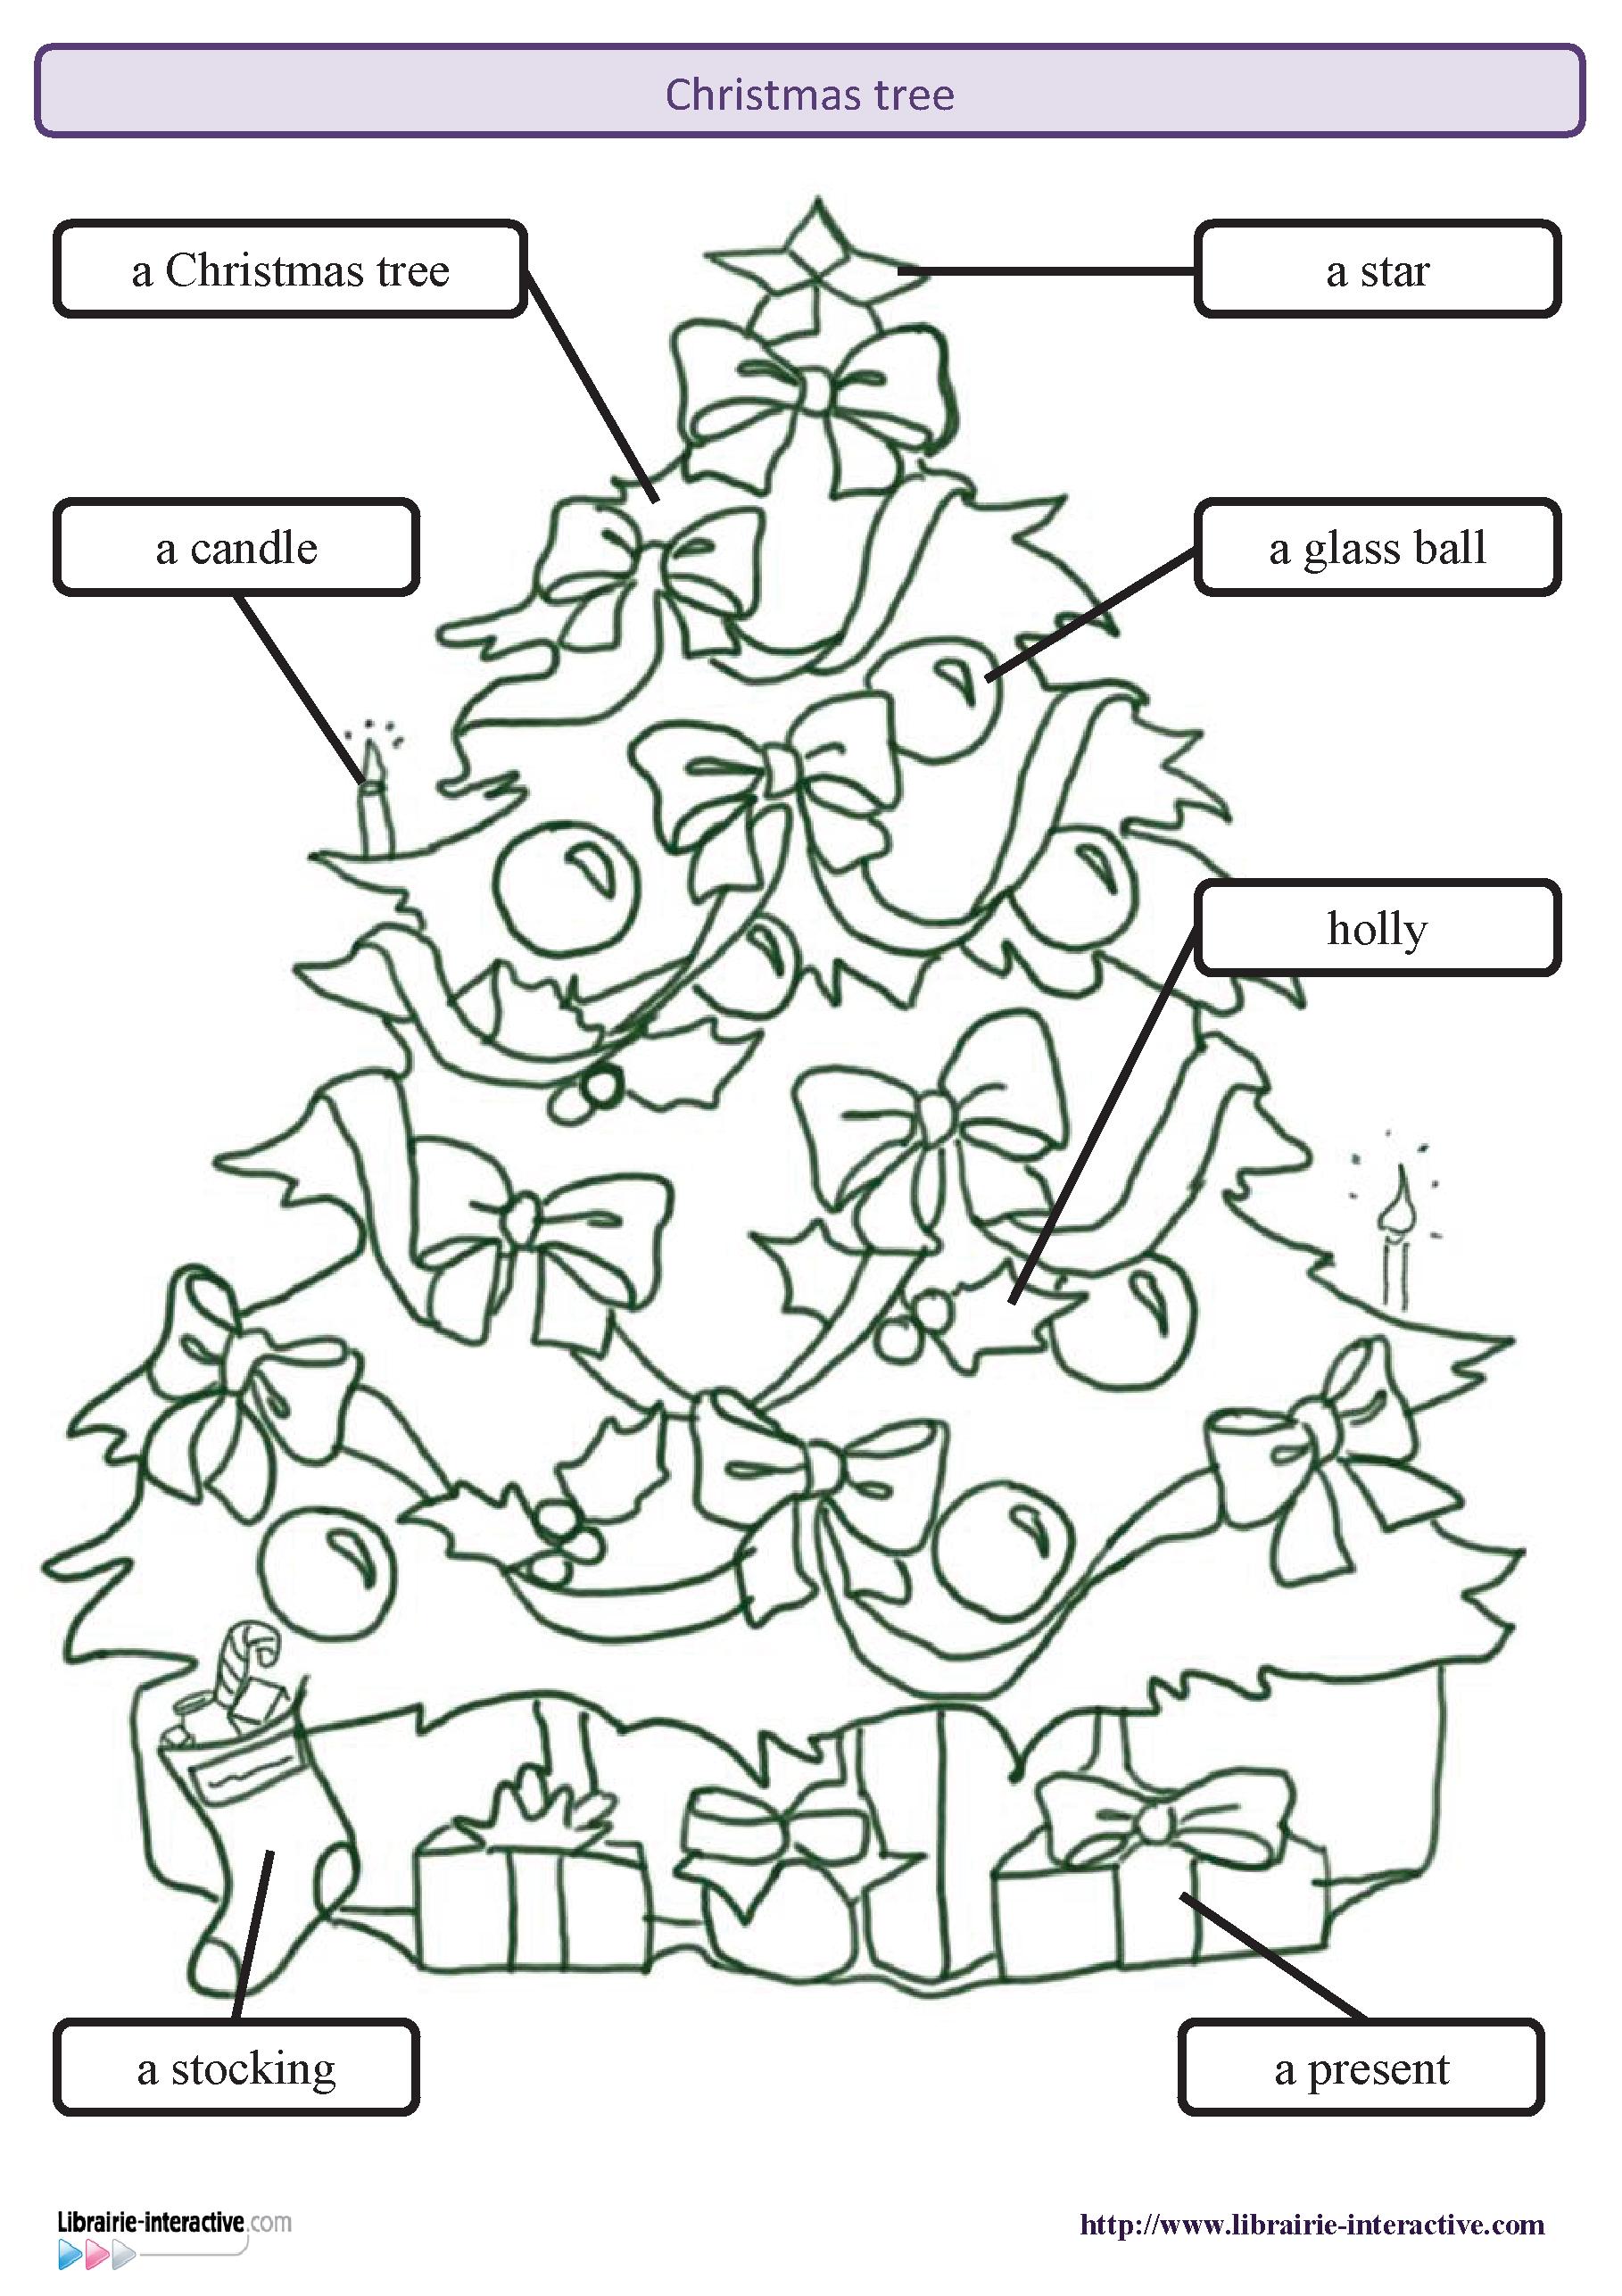 Le Vocabulaire Anglais Du Sapin De Noel